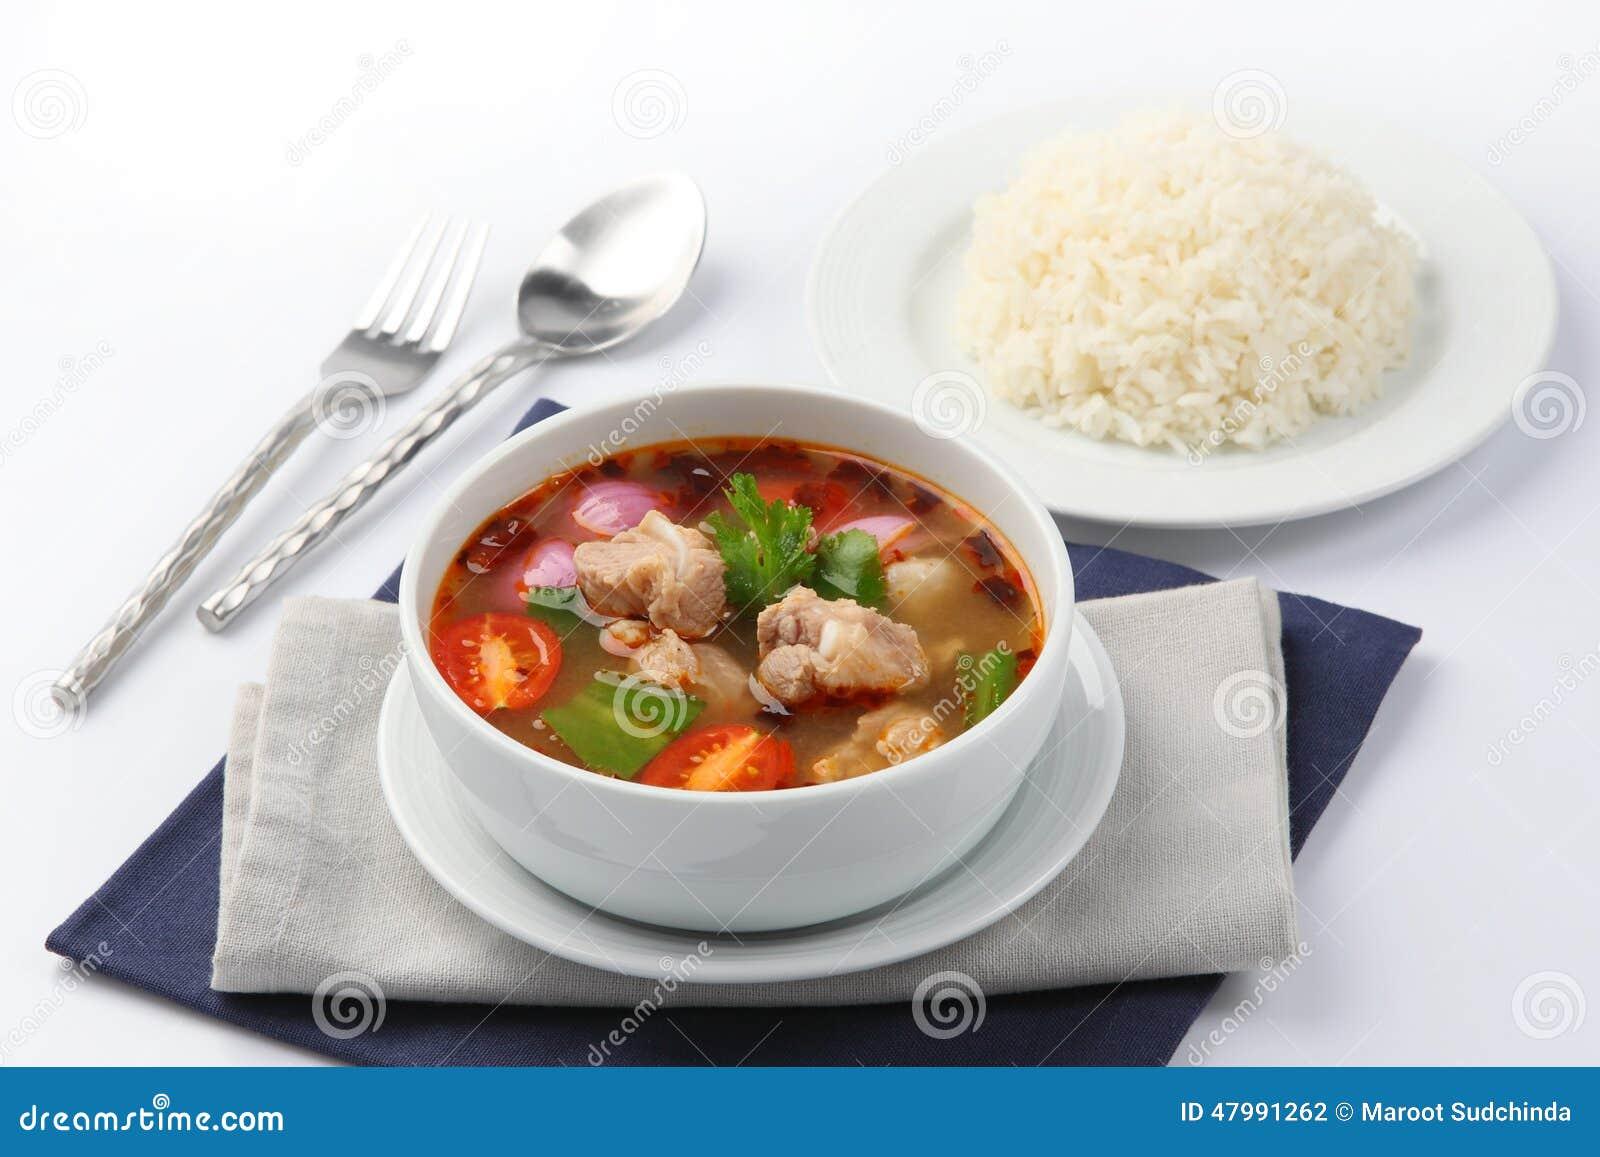 how to make thai tom yum